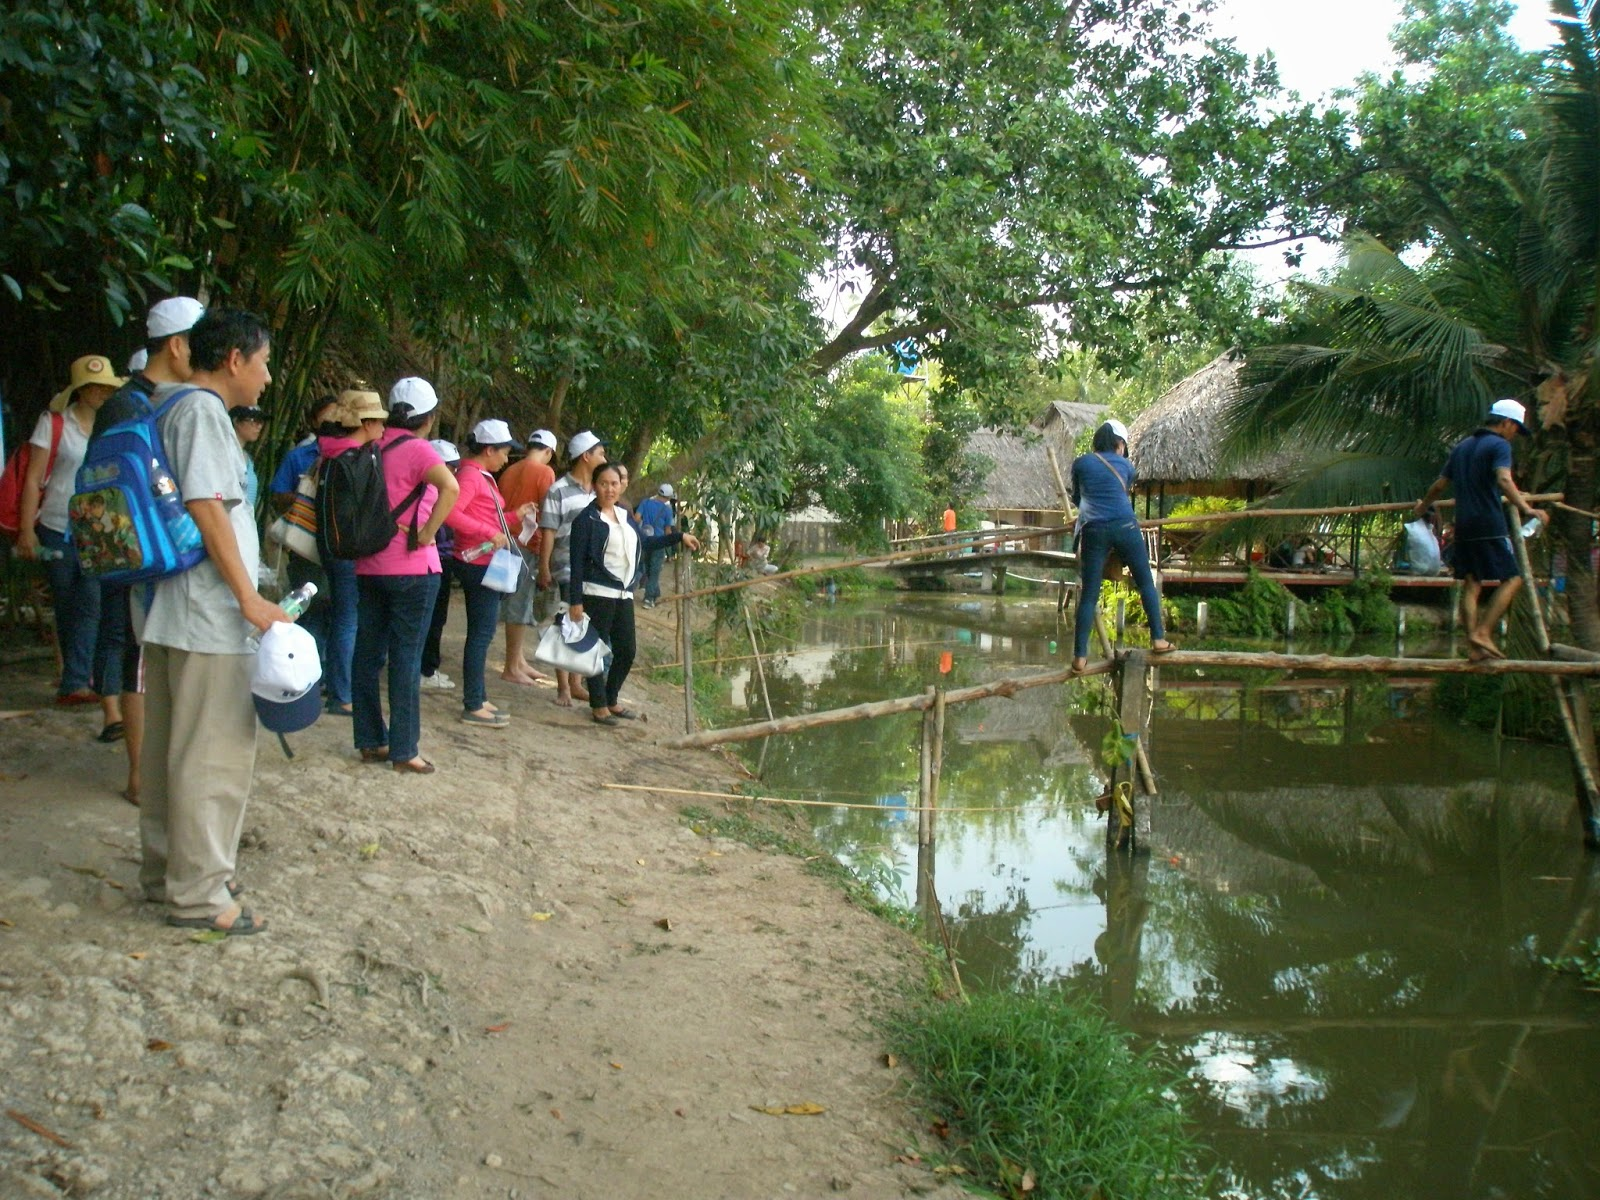 Khu du lịch sinh thái ở Sài Gòn- Bình Mỹ